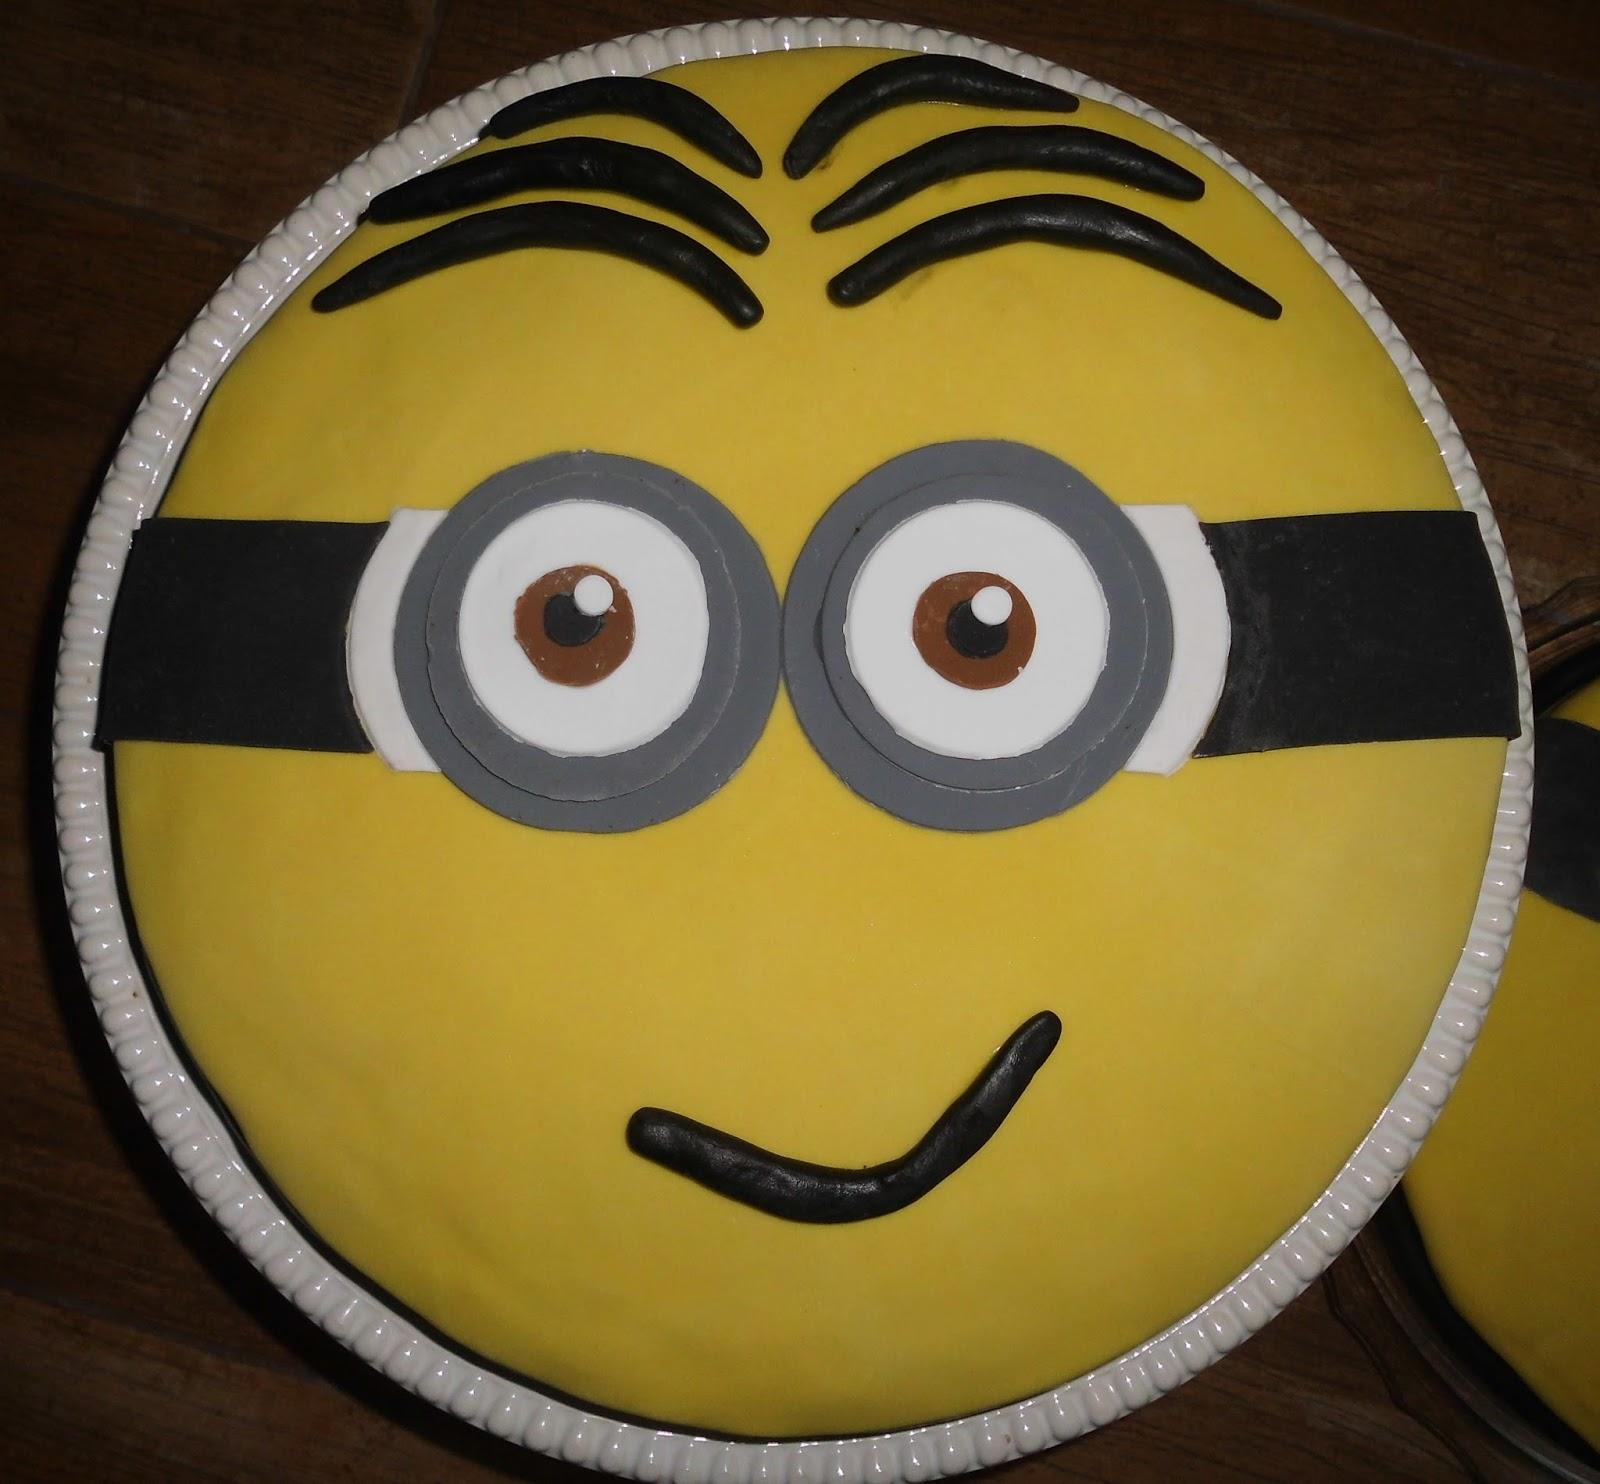 Minion Kuchen Backen Minion Kuchen Sabrinas Backvergnugen